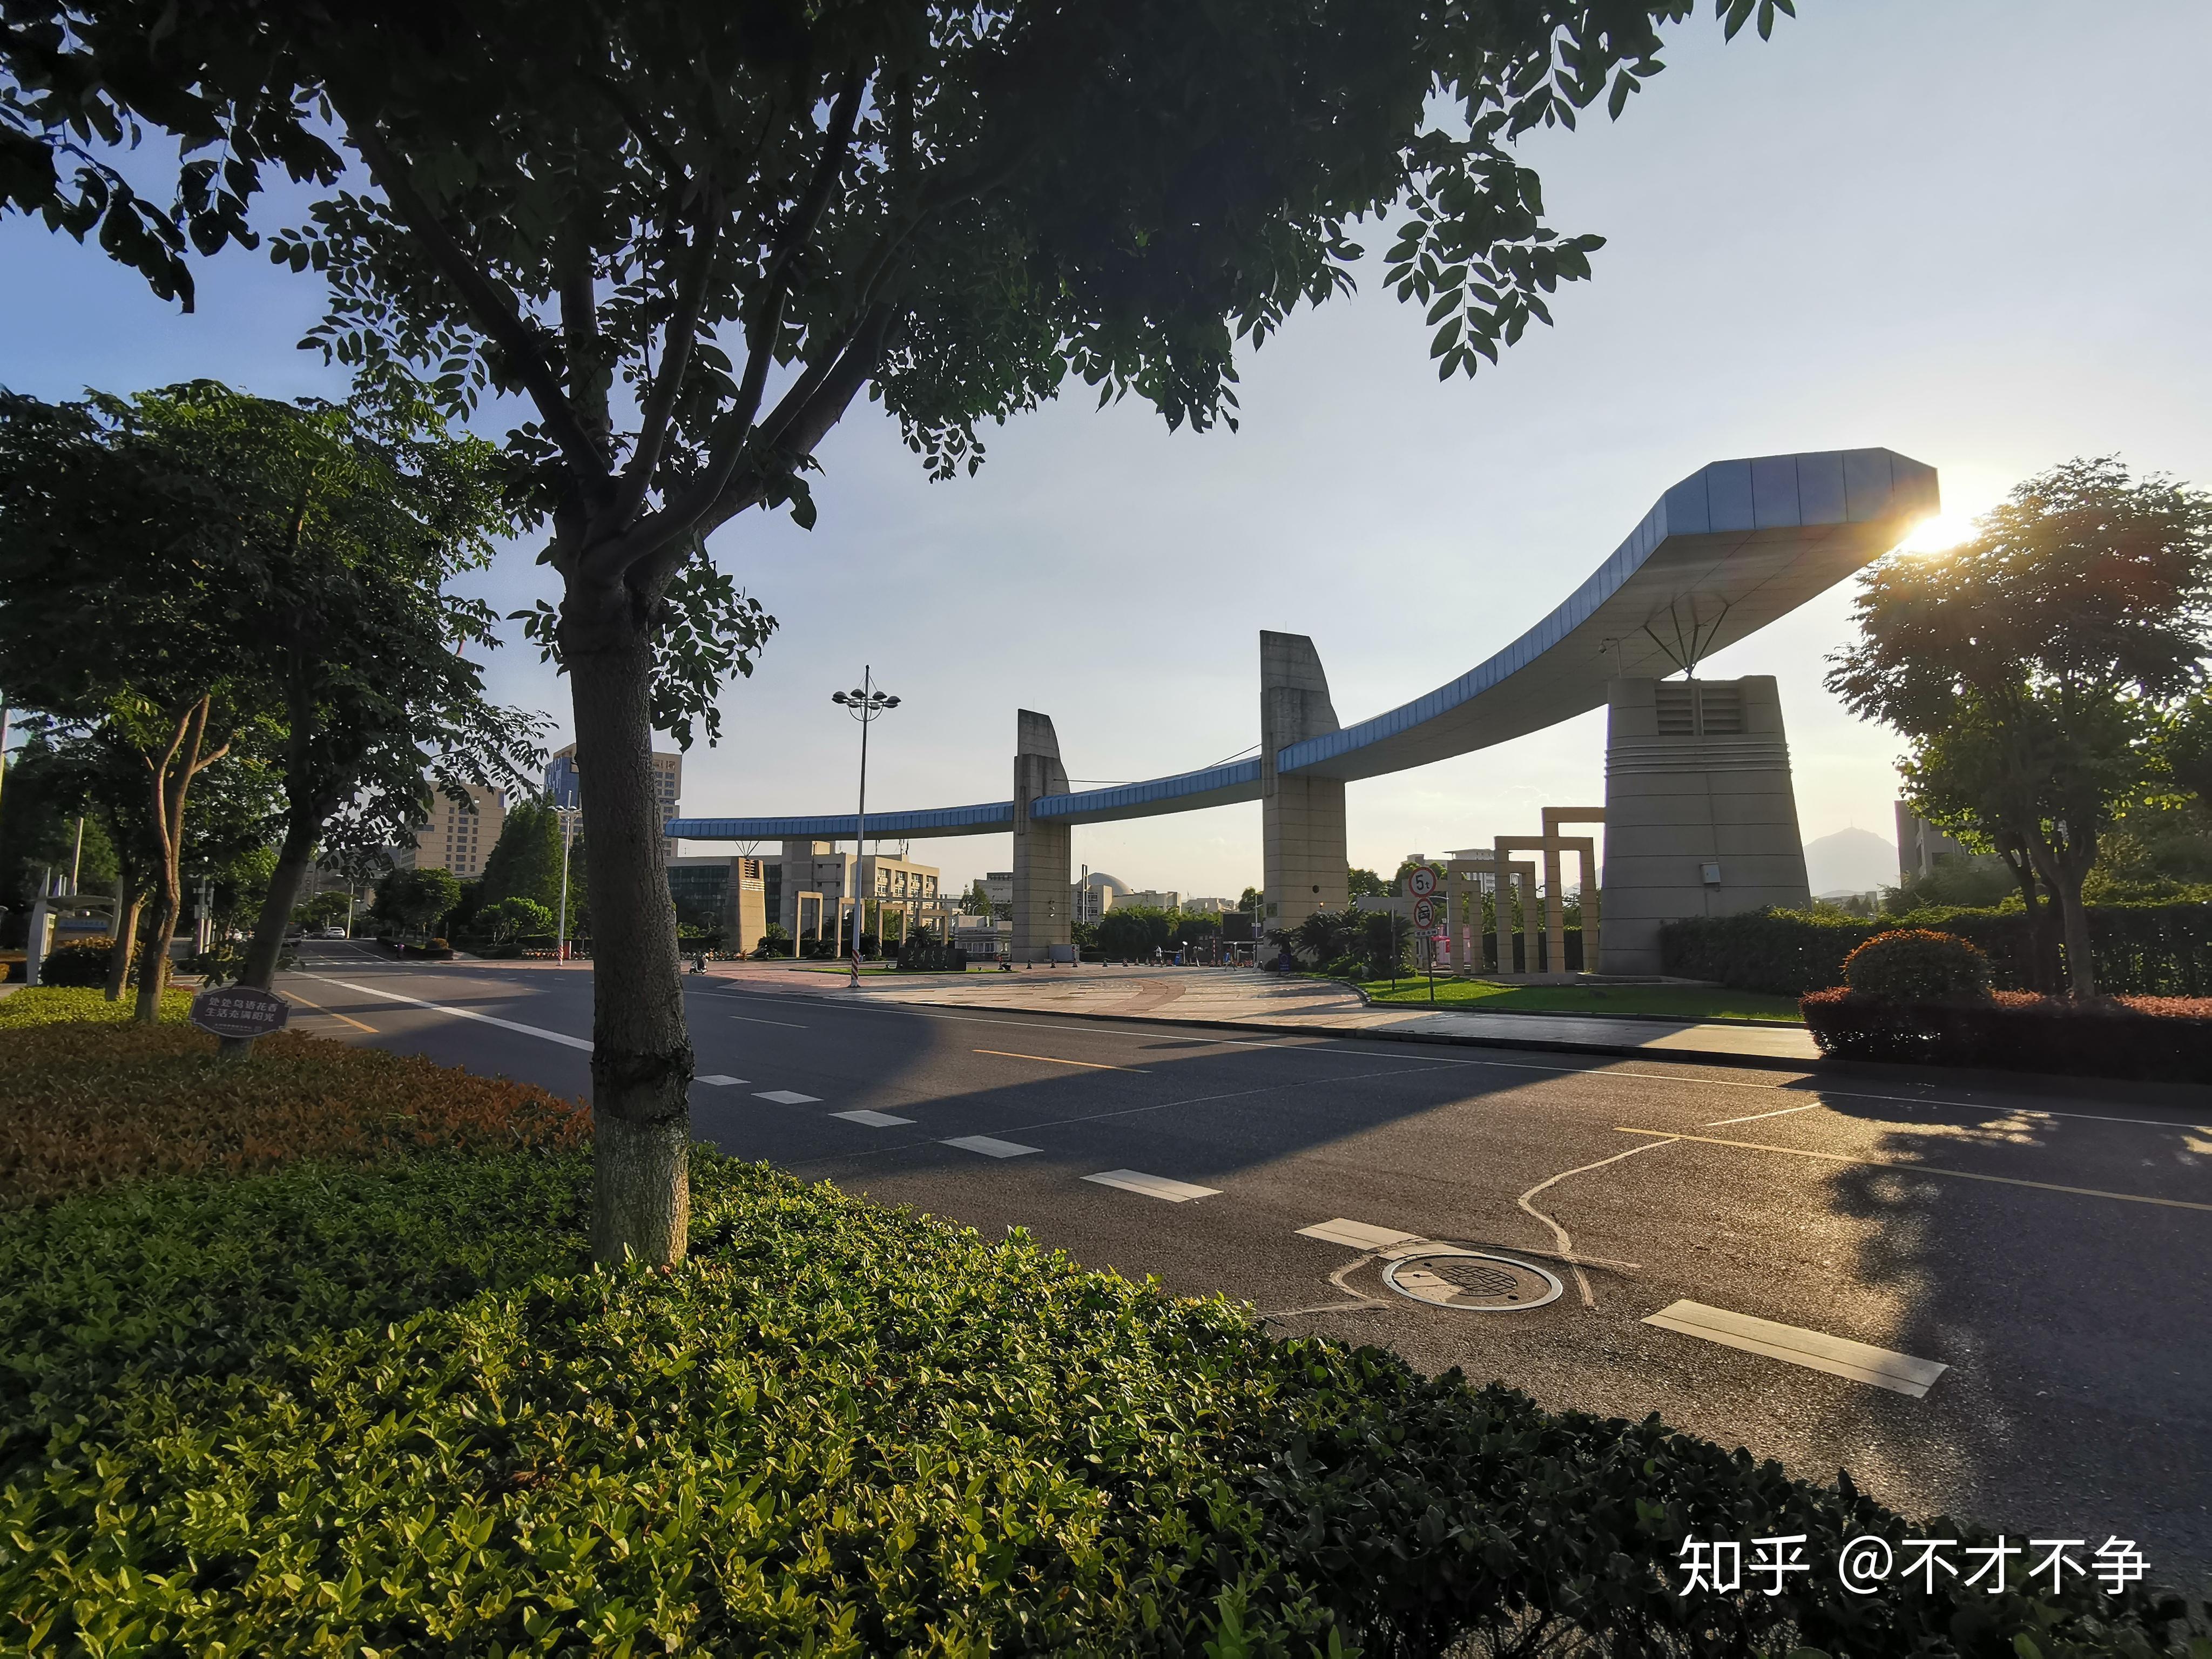 安徽师范大学夜大学_如果请你评选中国最美校园,会选择哪些学校入围? - 知乎